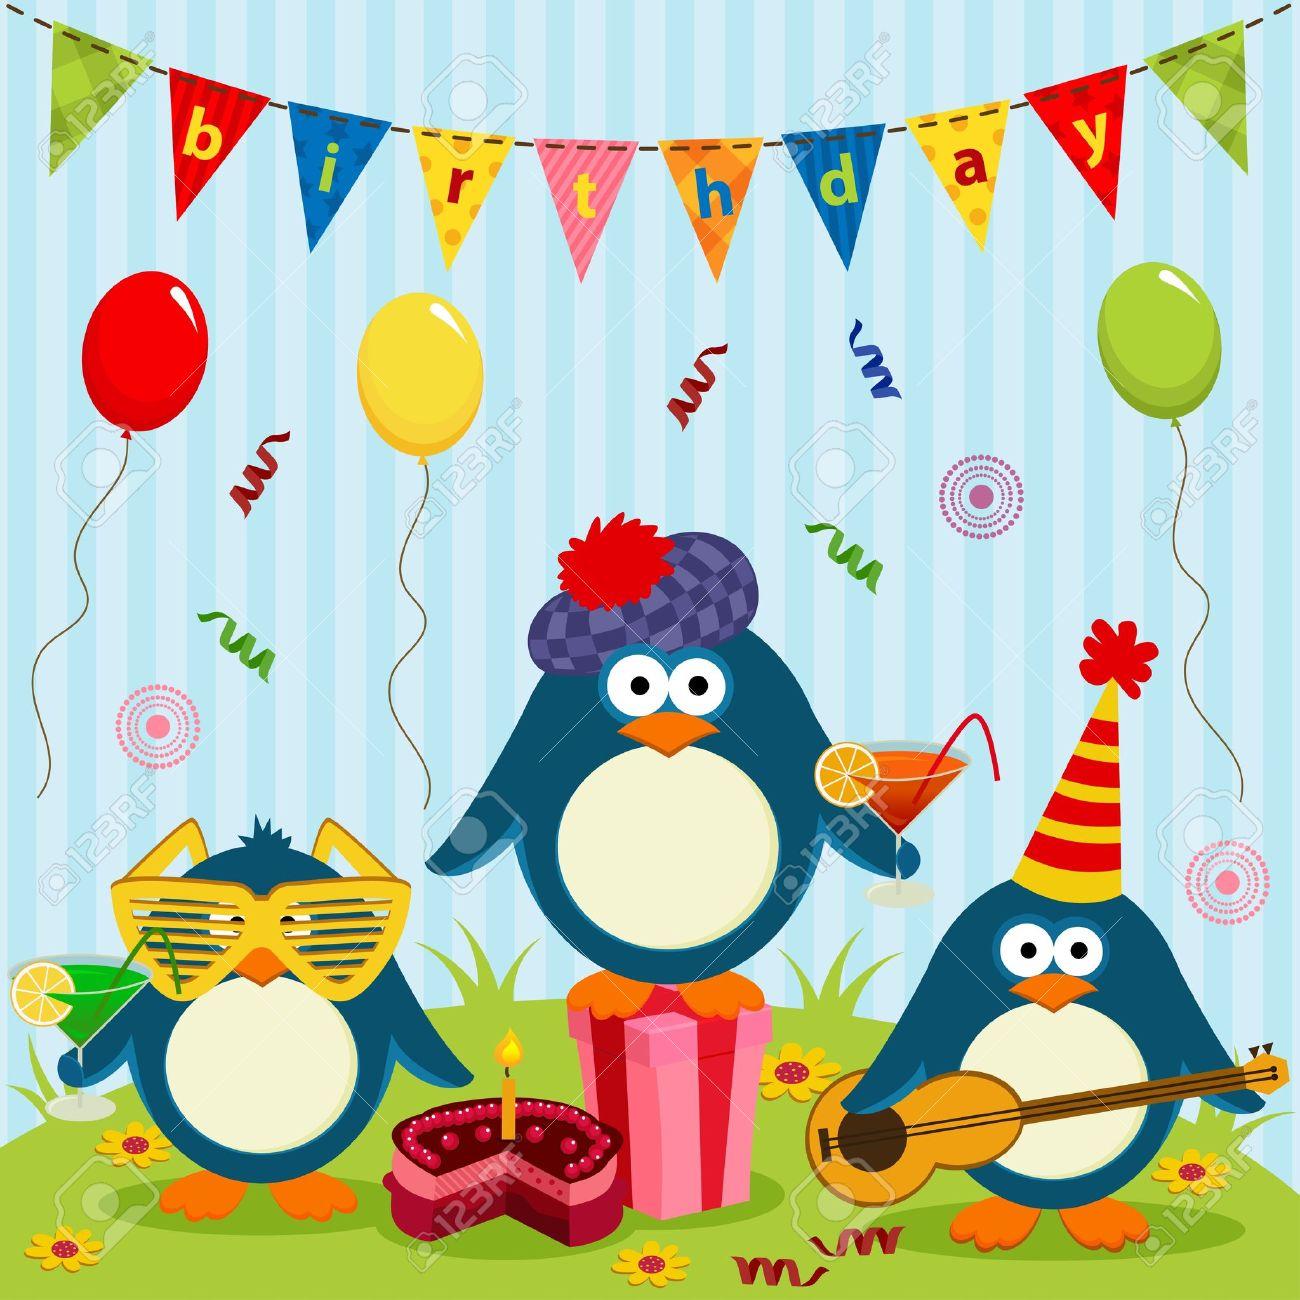 drei niedlichen Pinguine feiern Geburtstag - Vektor-Illustration Standard-Bild - 20300549